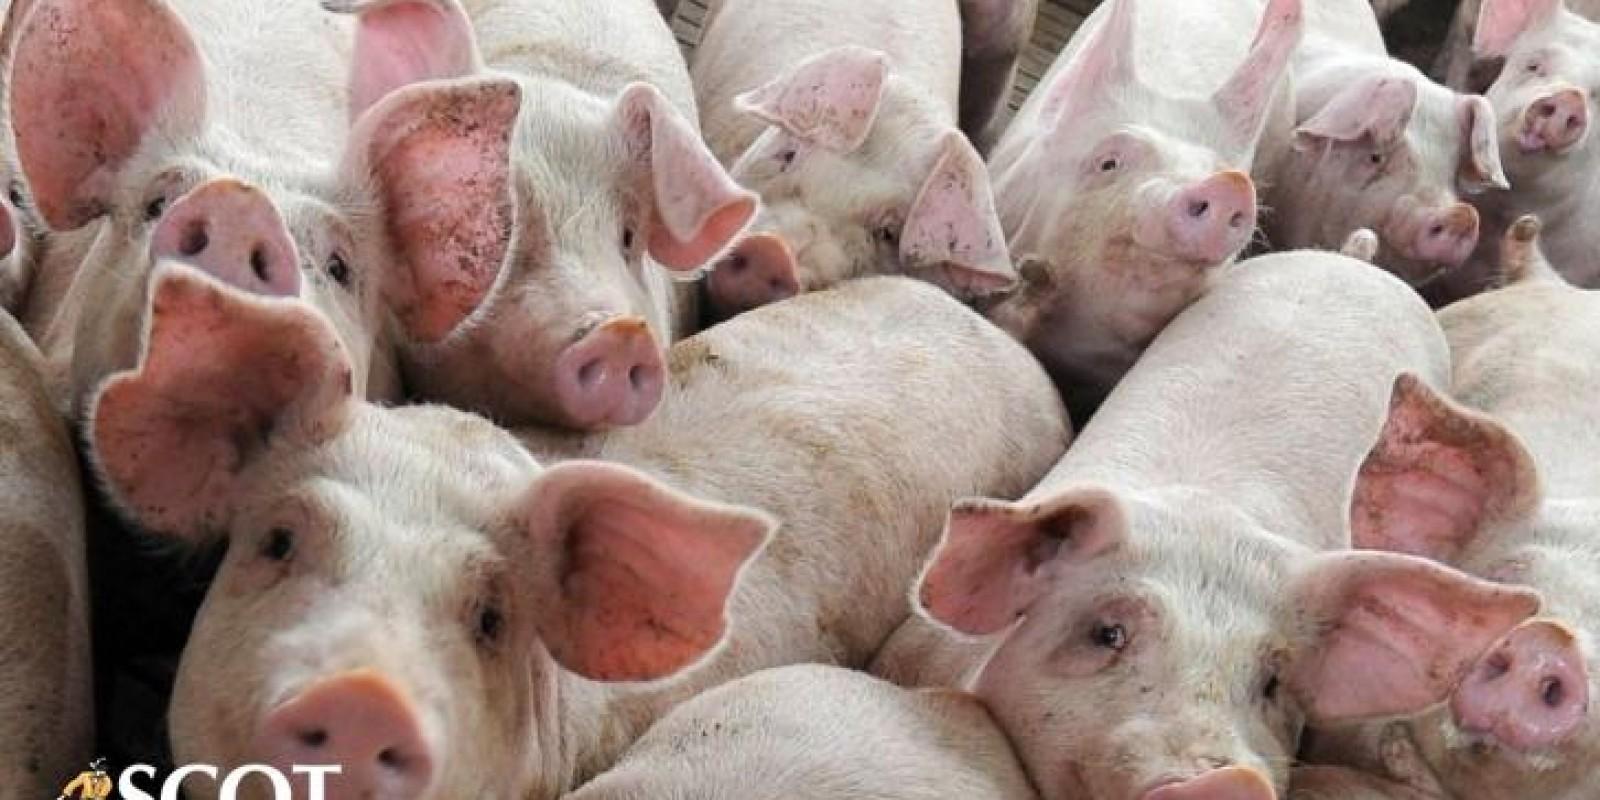 Preço do suíno subiu no atacado em São Paulo